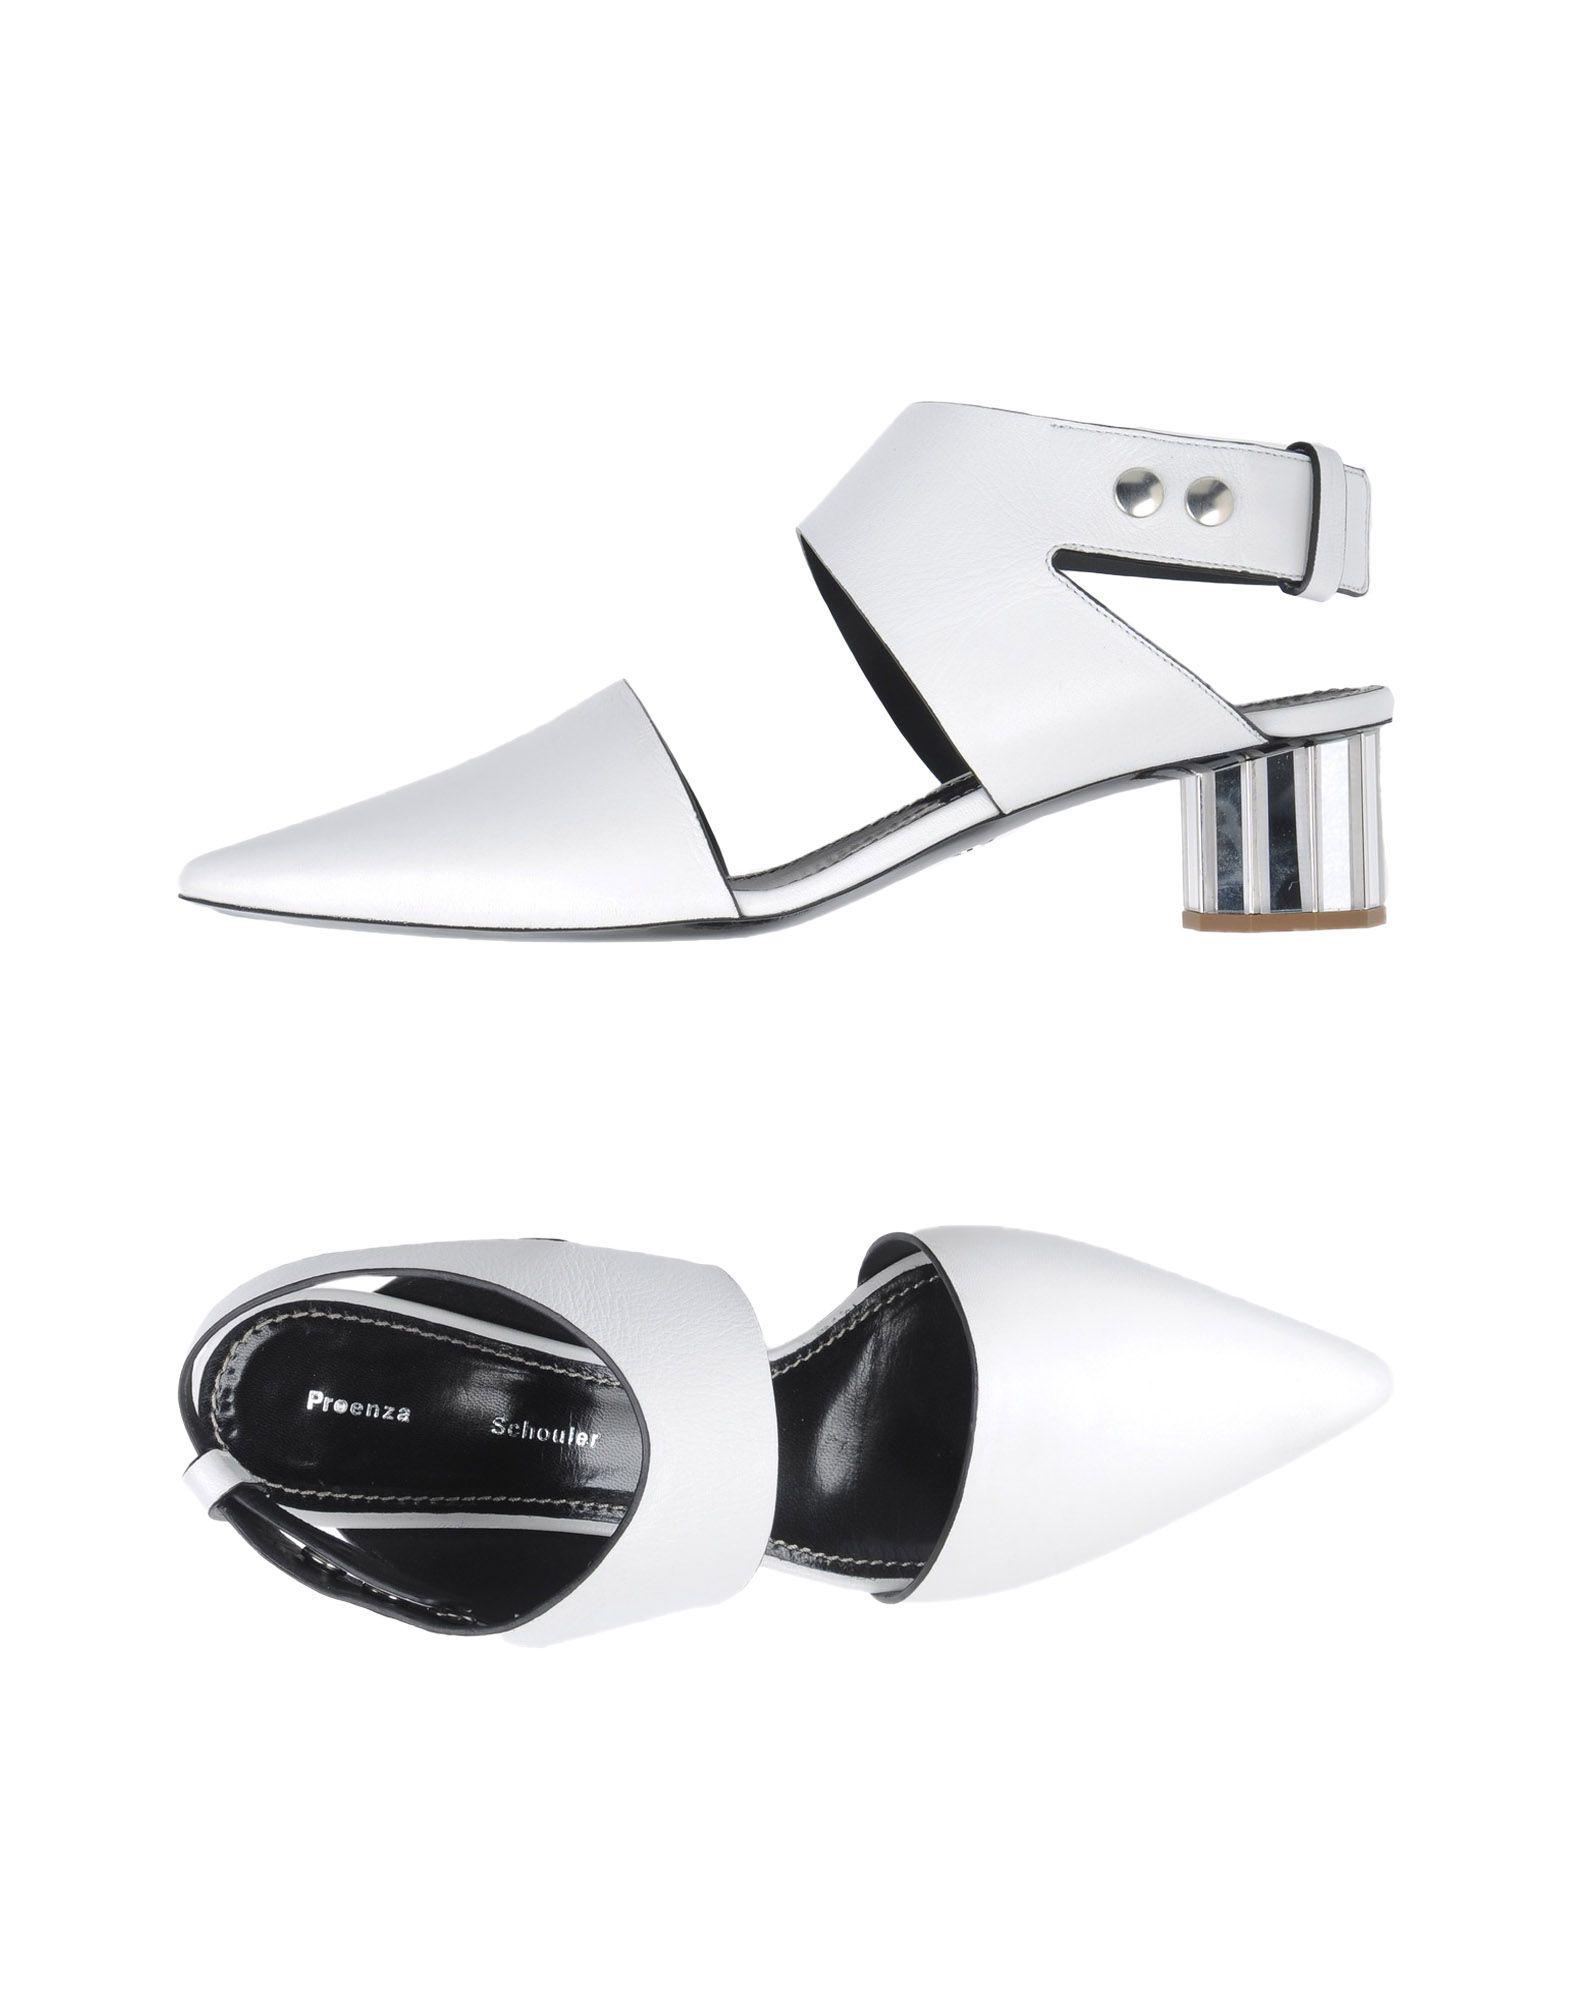 21a6ebf237b Proenza Schouler Shoes - Proenza Schouler Women - YOOX Latvia